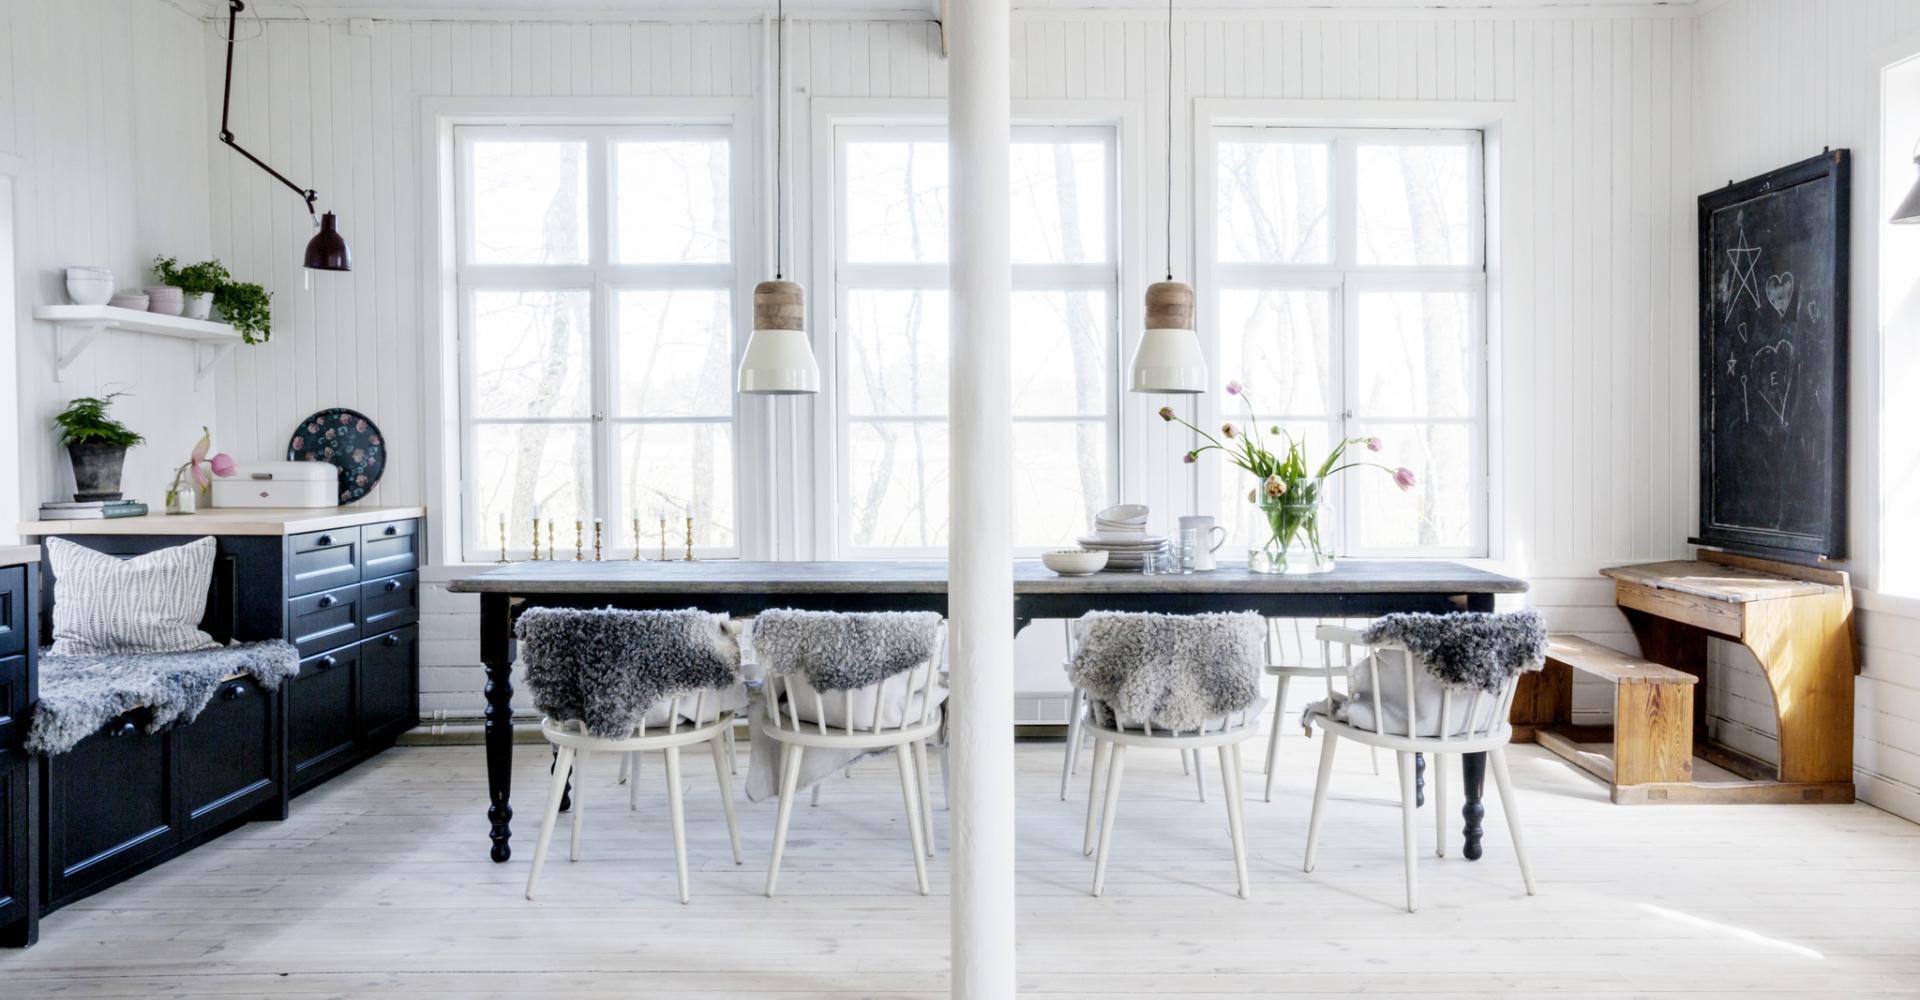 Geson mklare fabulous bild rum grdskog p segersbol for Hem satteldorf prospekt